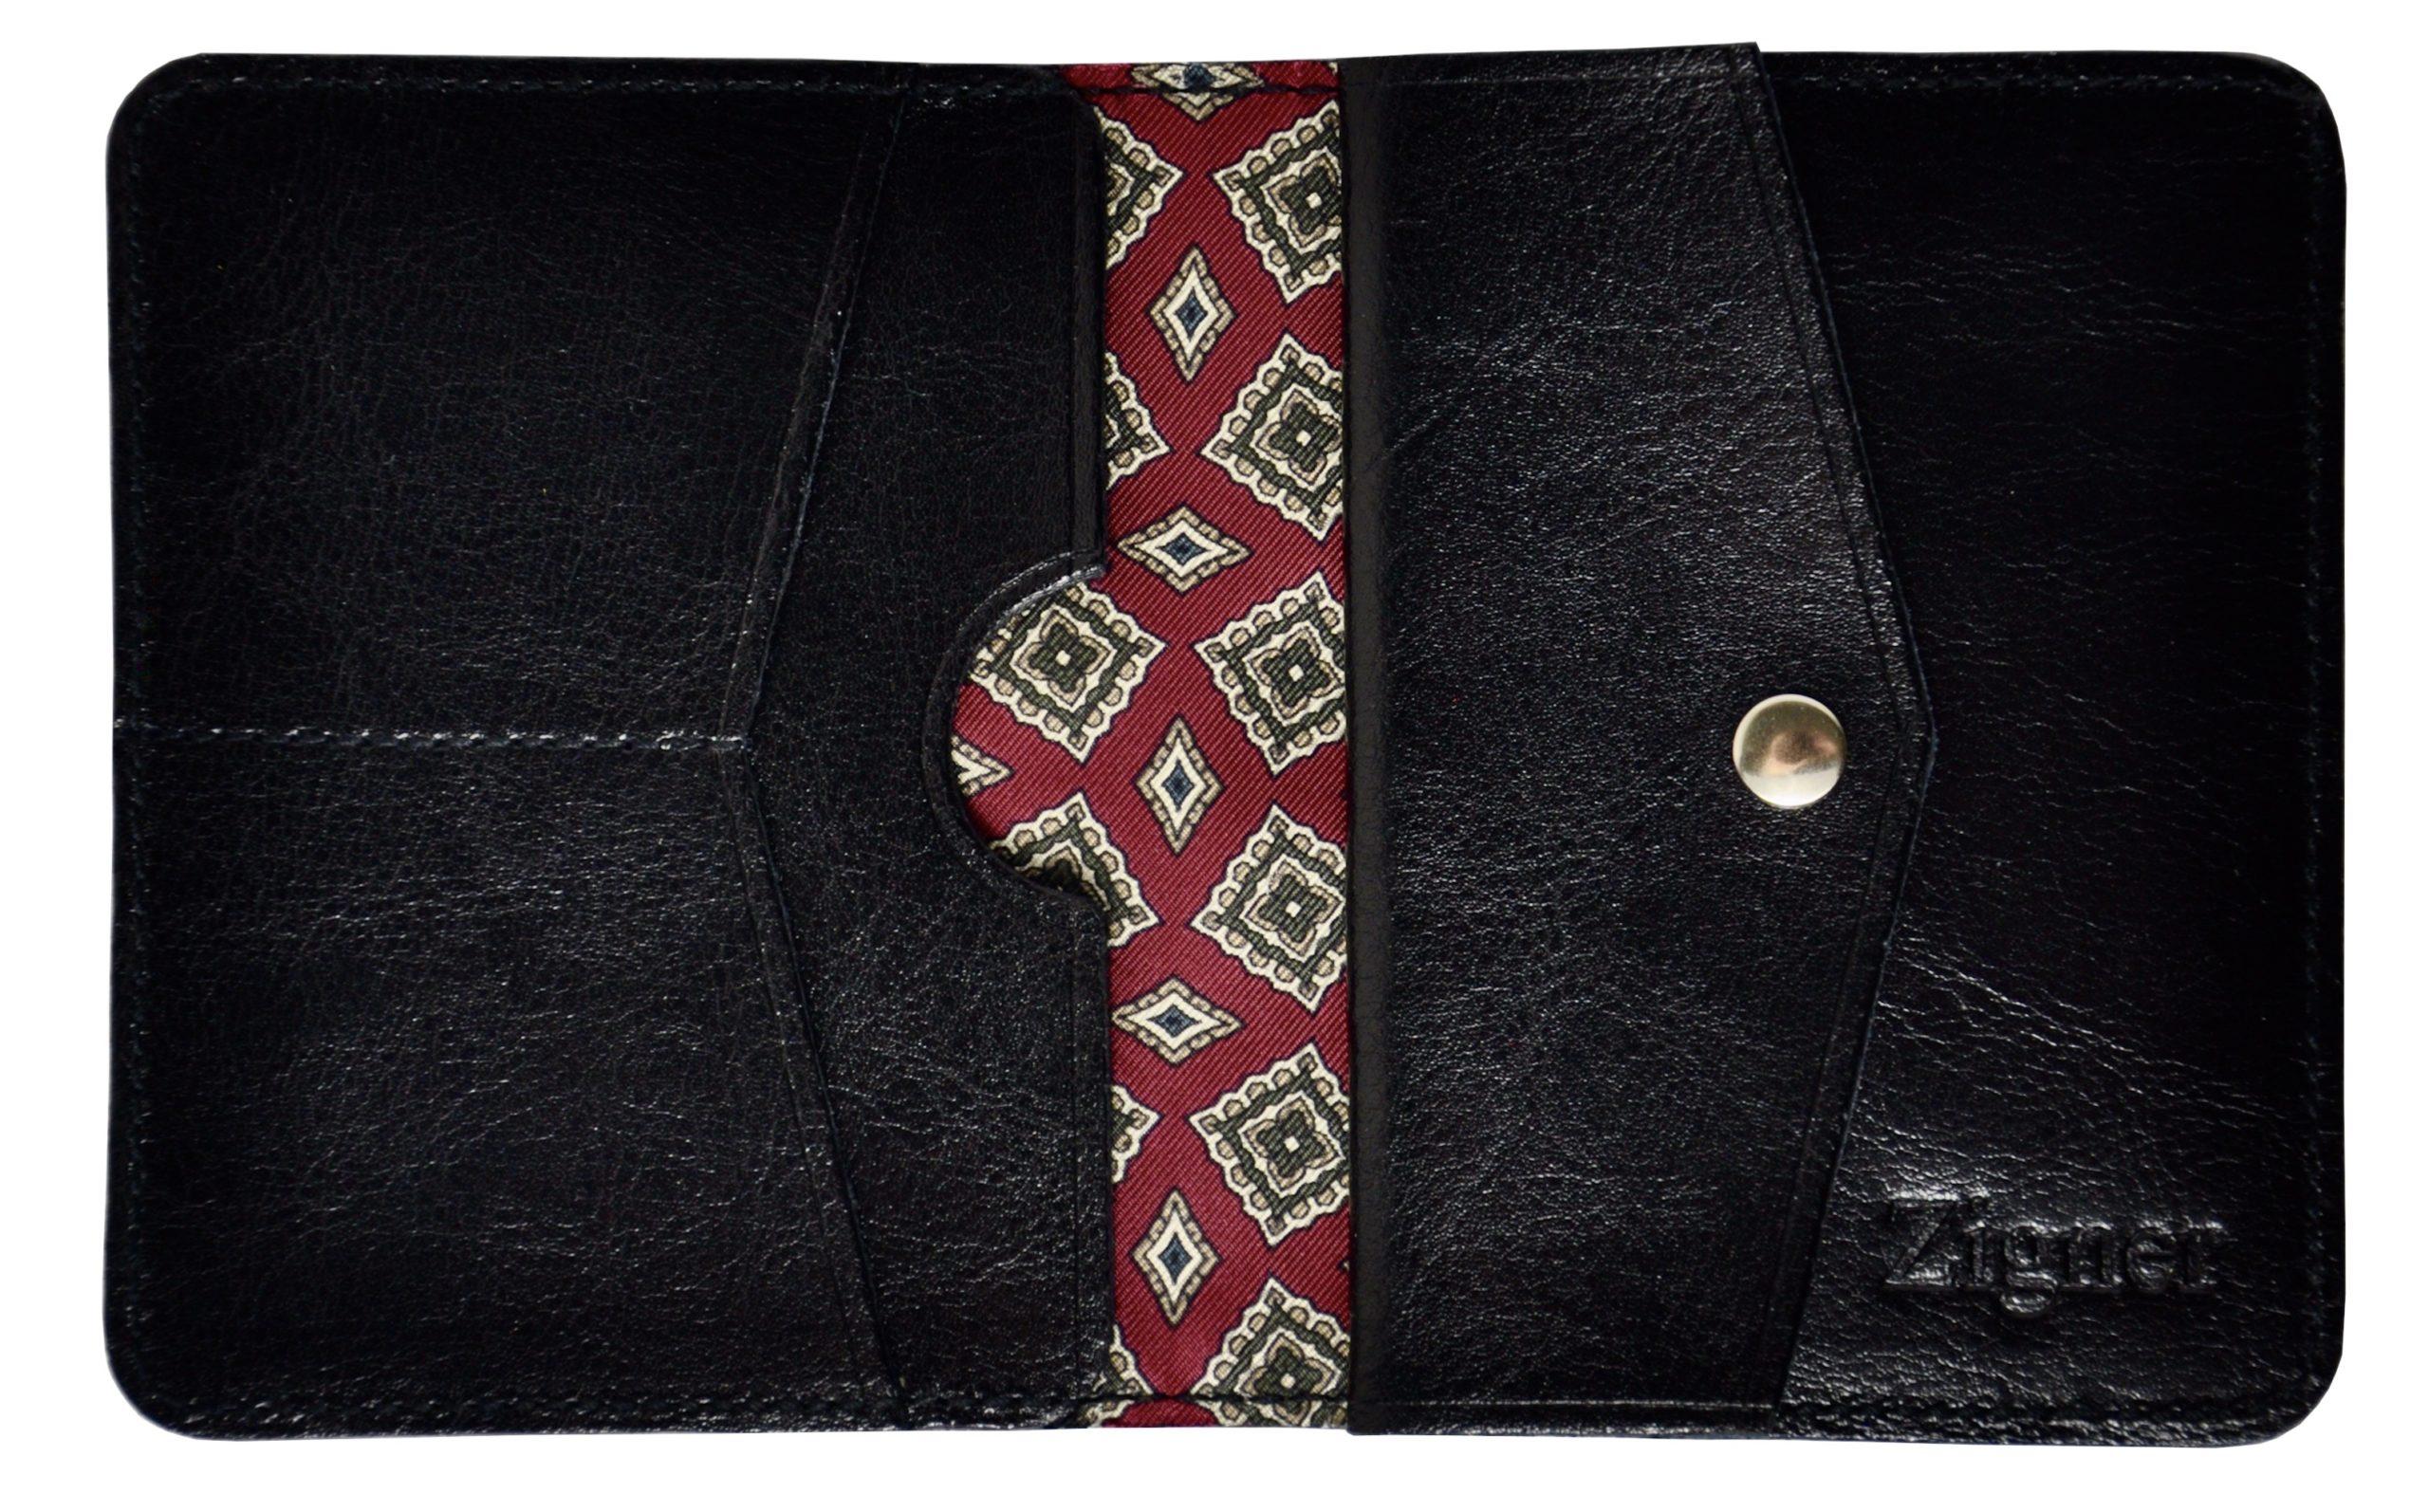 Cienki portfel ze skóry z jedwabiem i miejscem na monety